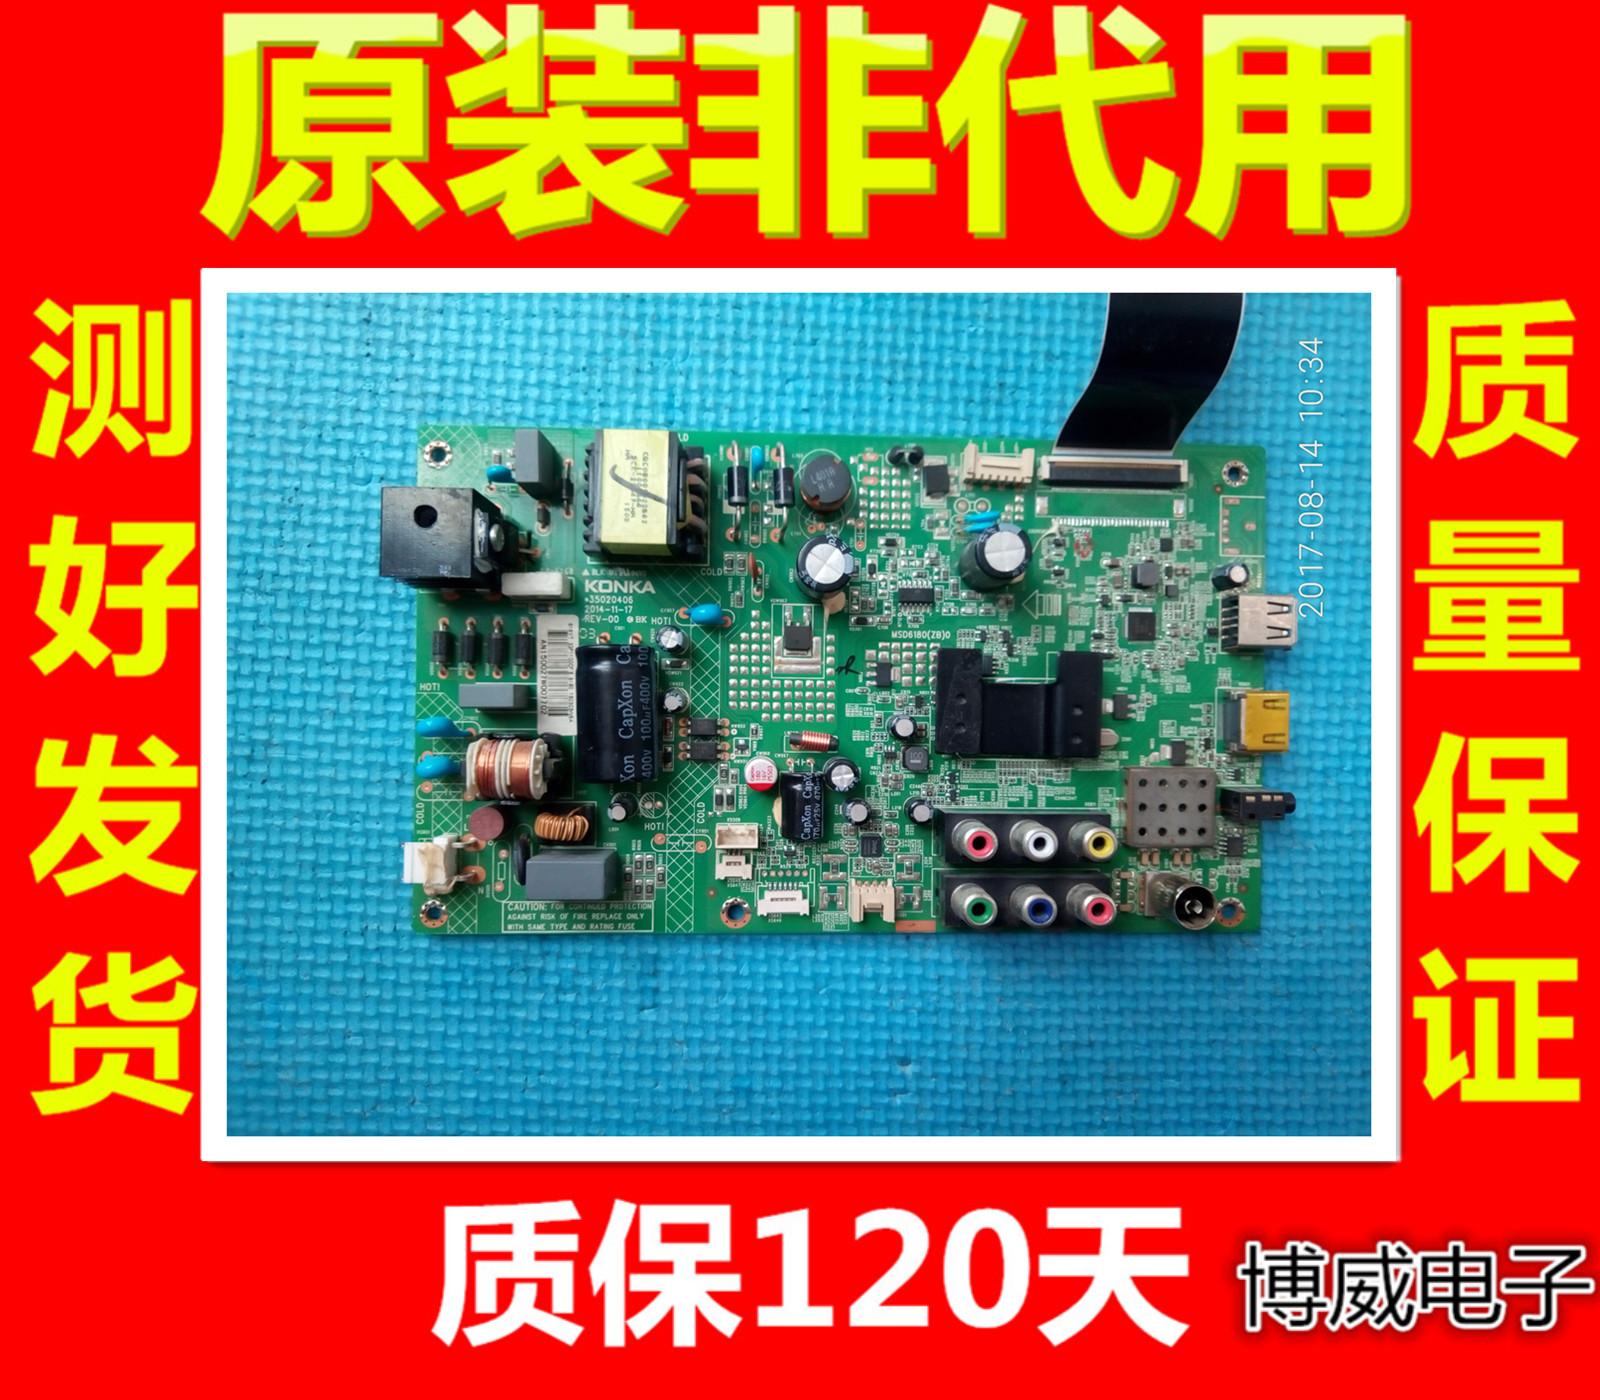 32 - Zoll - LCD - fernseher MIT hochdruck die helligkeit der konka LED32F1100CF konstantstrom - ZML348 hintergrundbeleuchtung